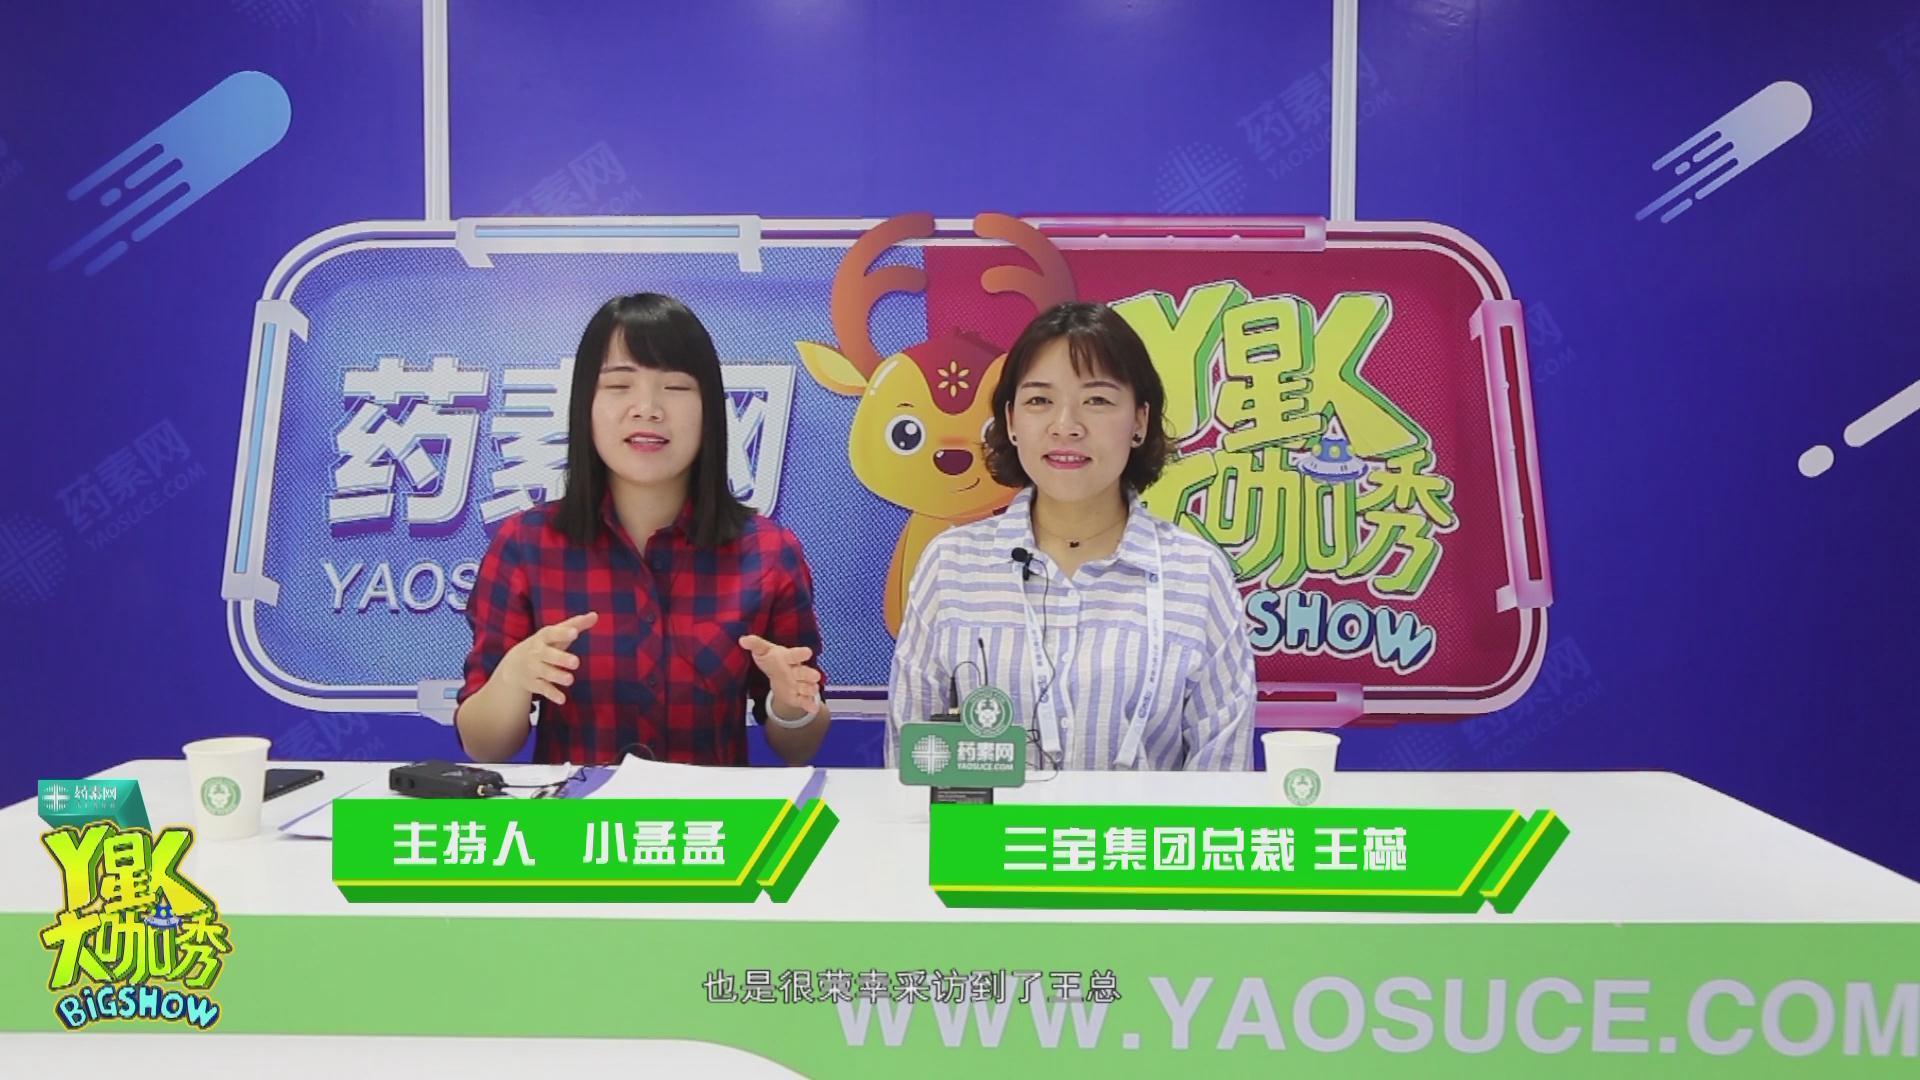 药素网:《Y星人大咖秀》之三宝集团总裁 王蕊